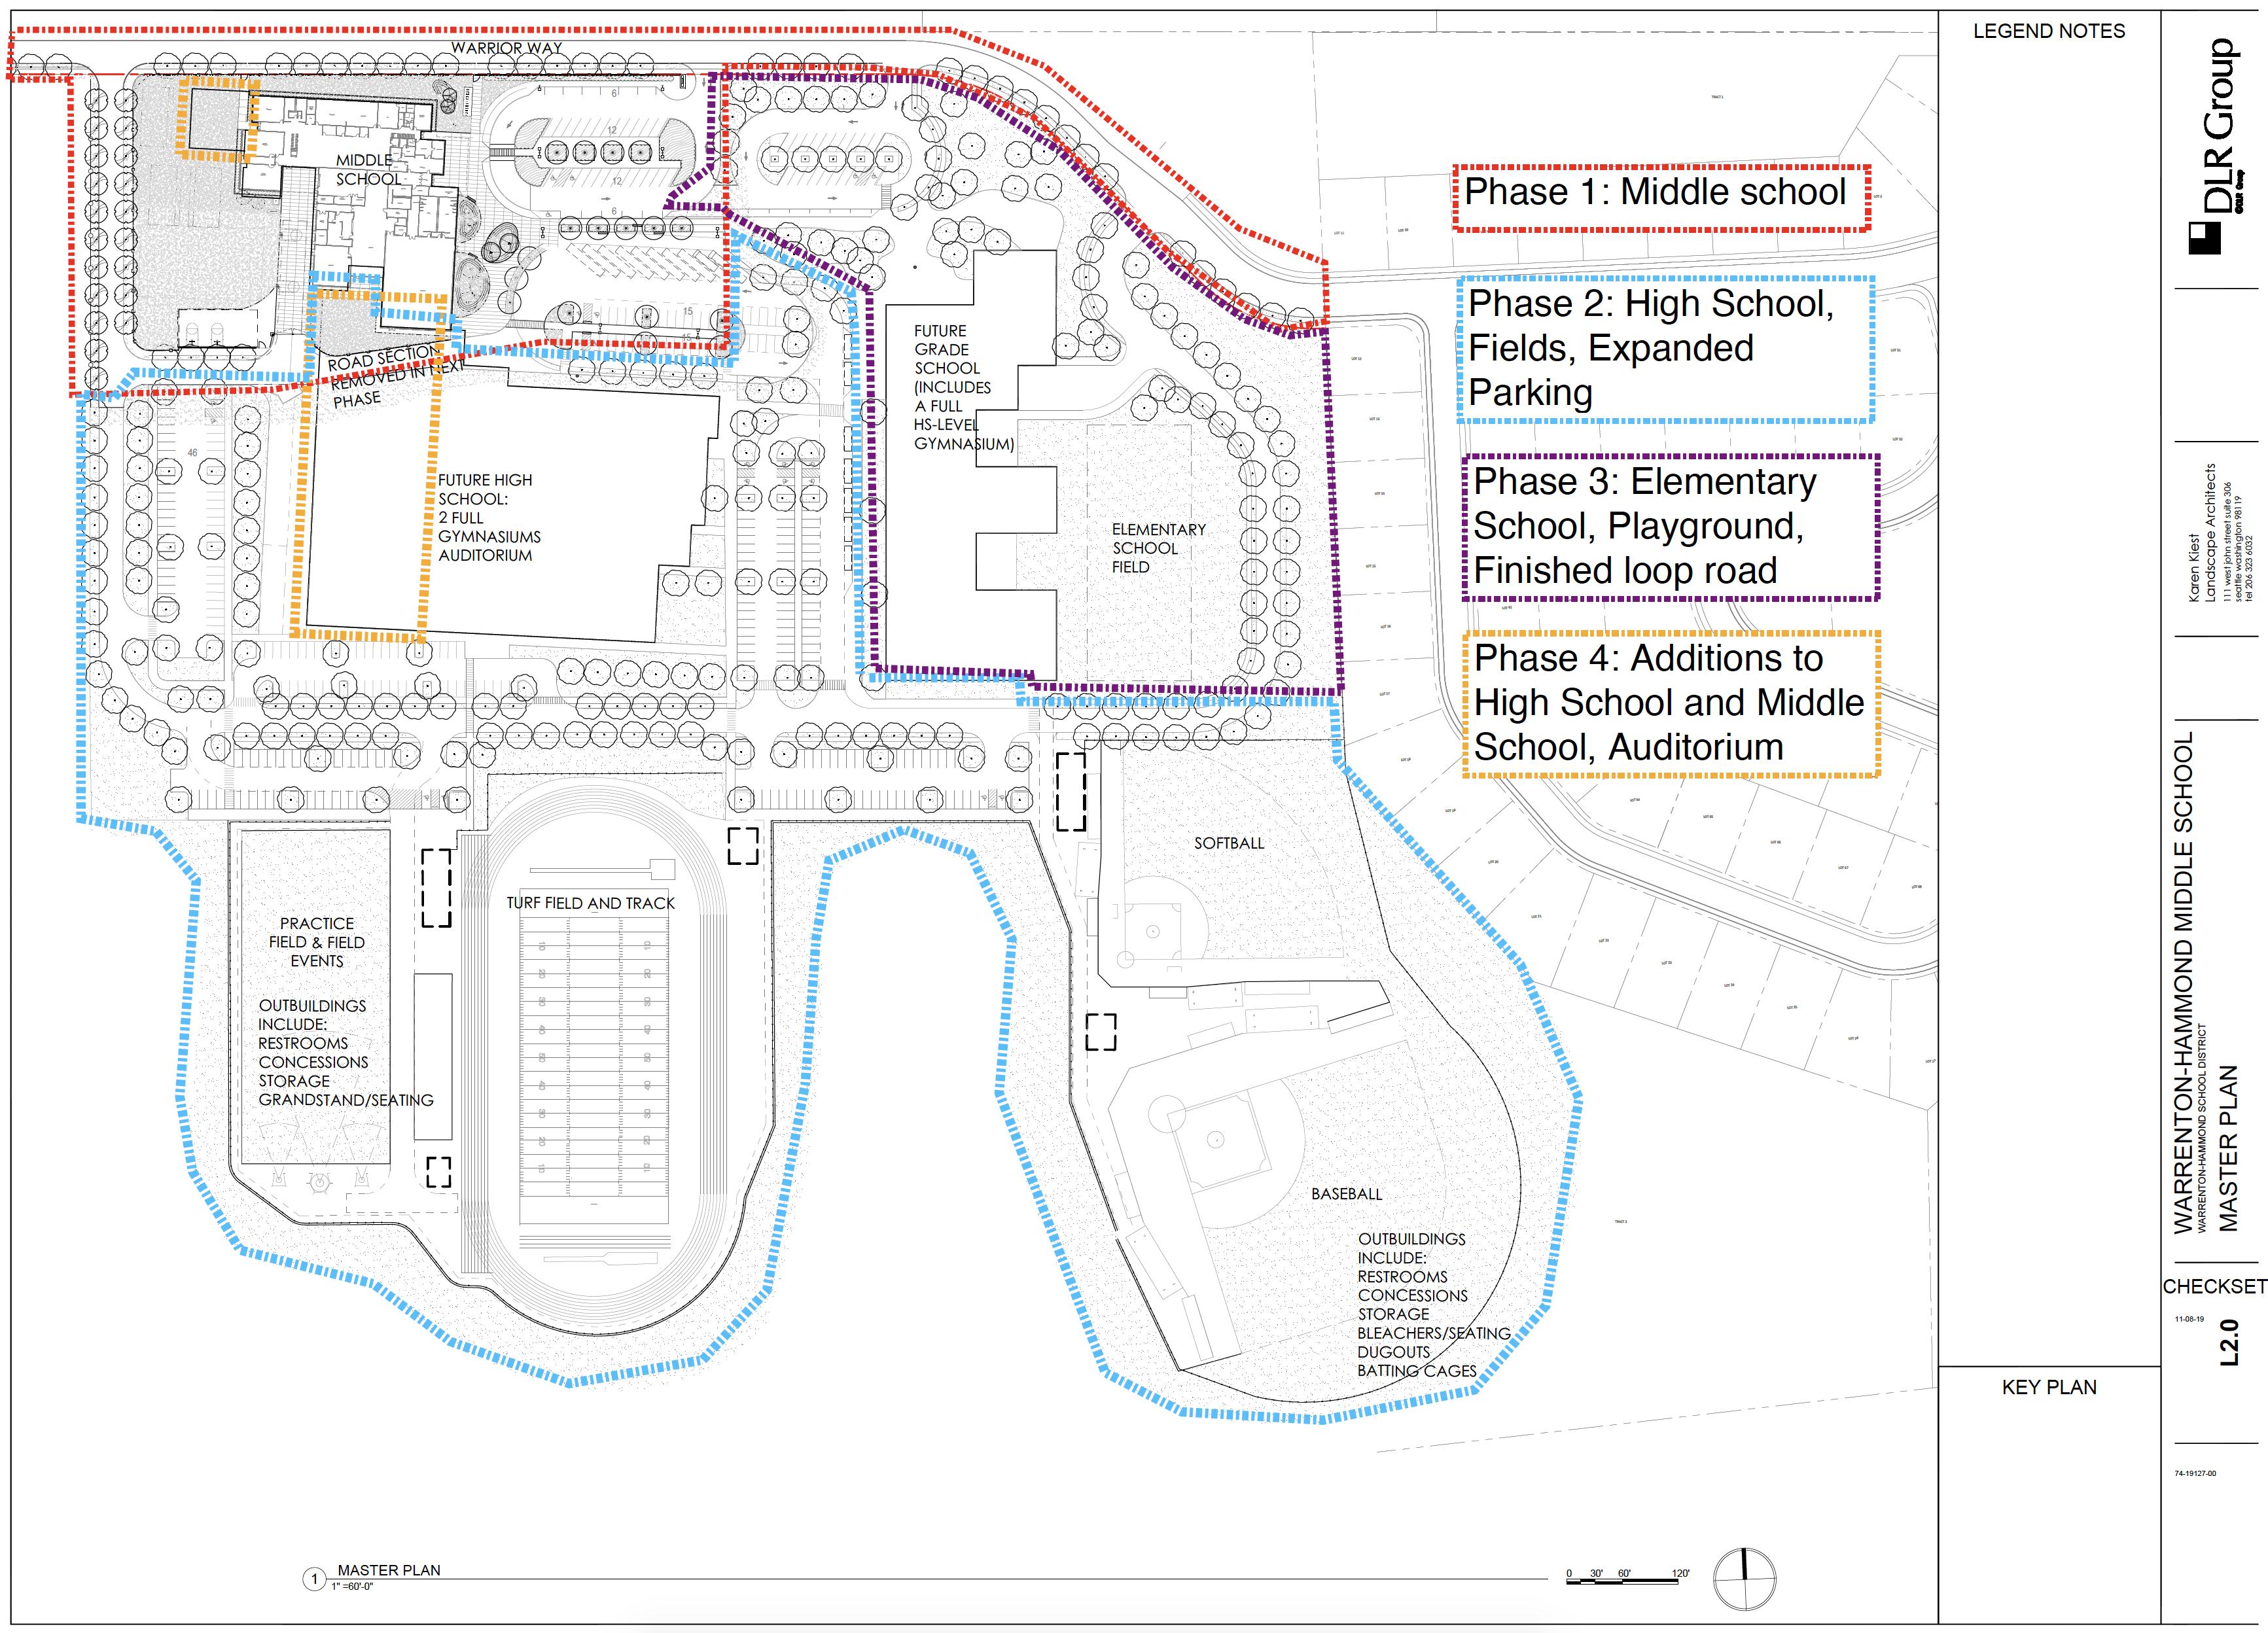 Warrenton-Hammond School District Master Plan